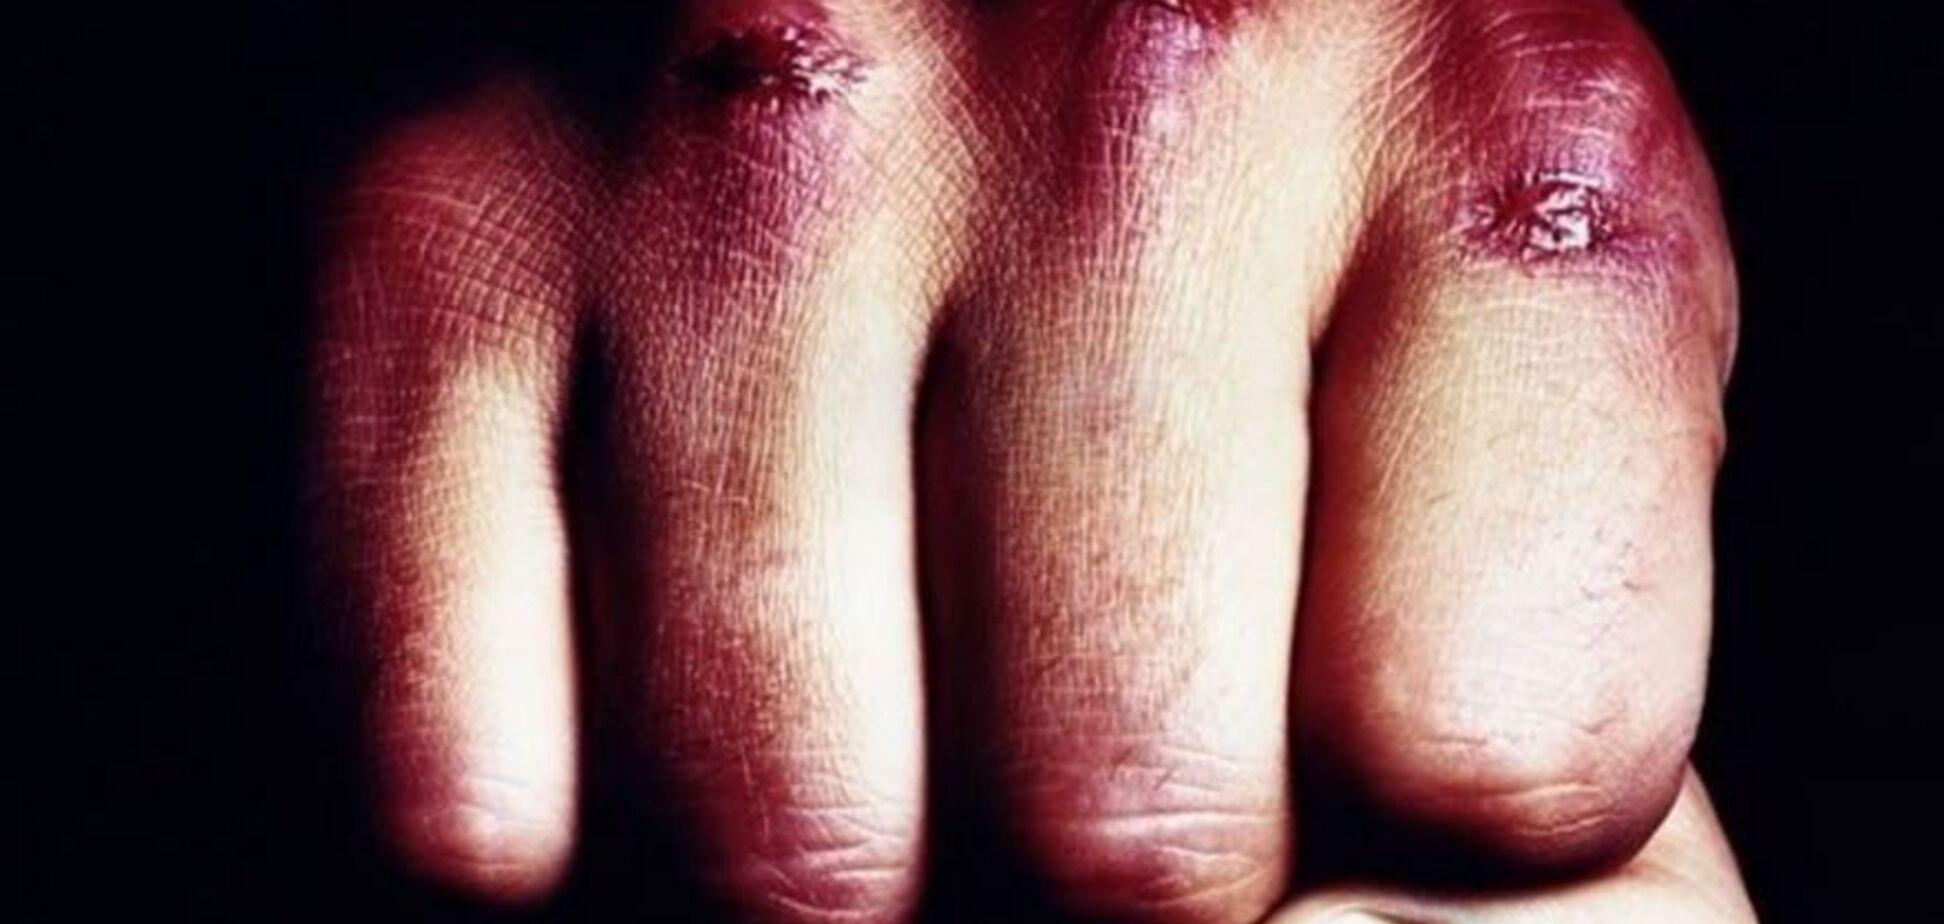 Запорожец до смерти забил 4-летнего пасынка: эксклюзивные подробности резонансного дела (ФОТО)